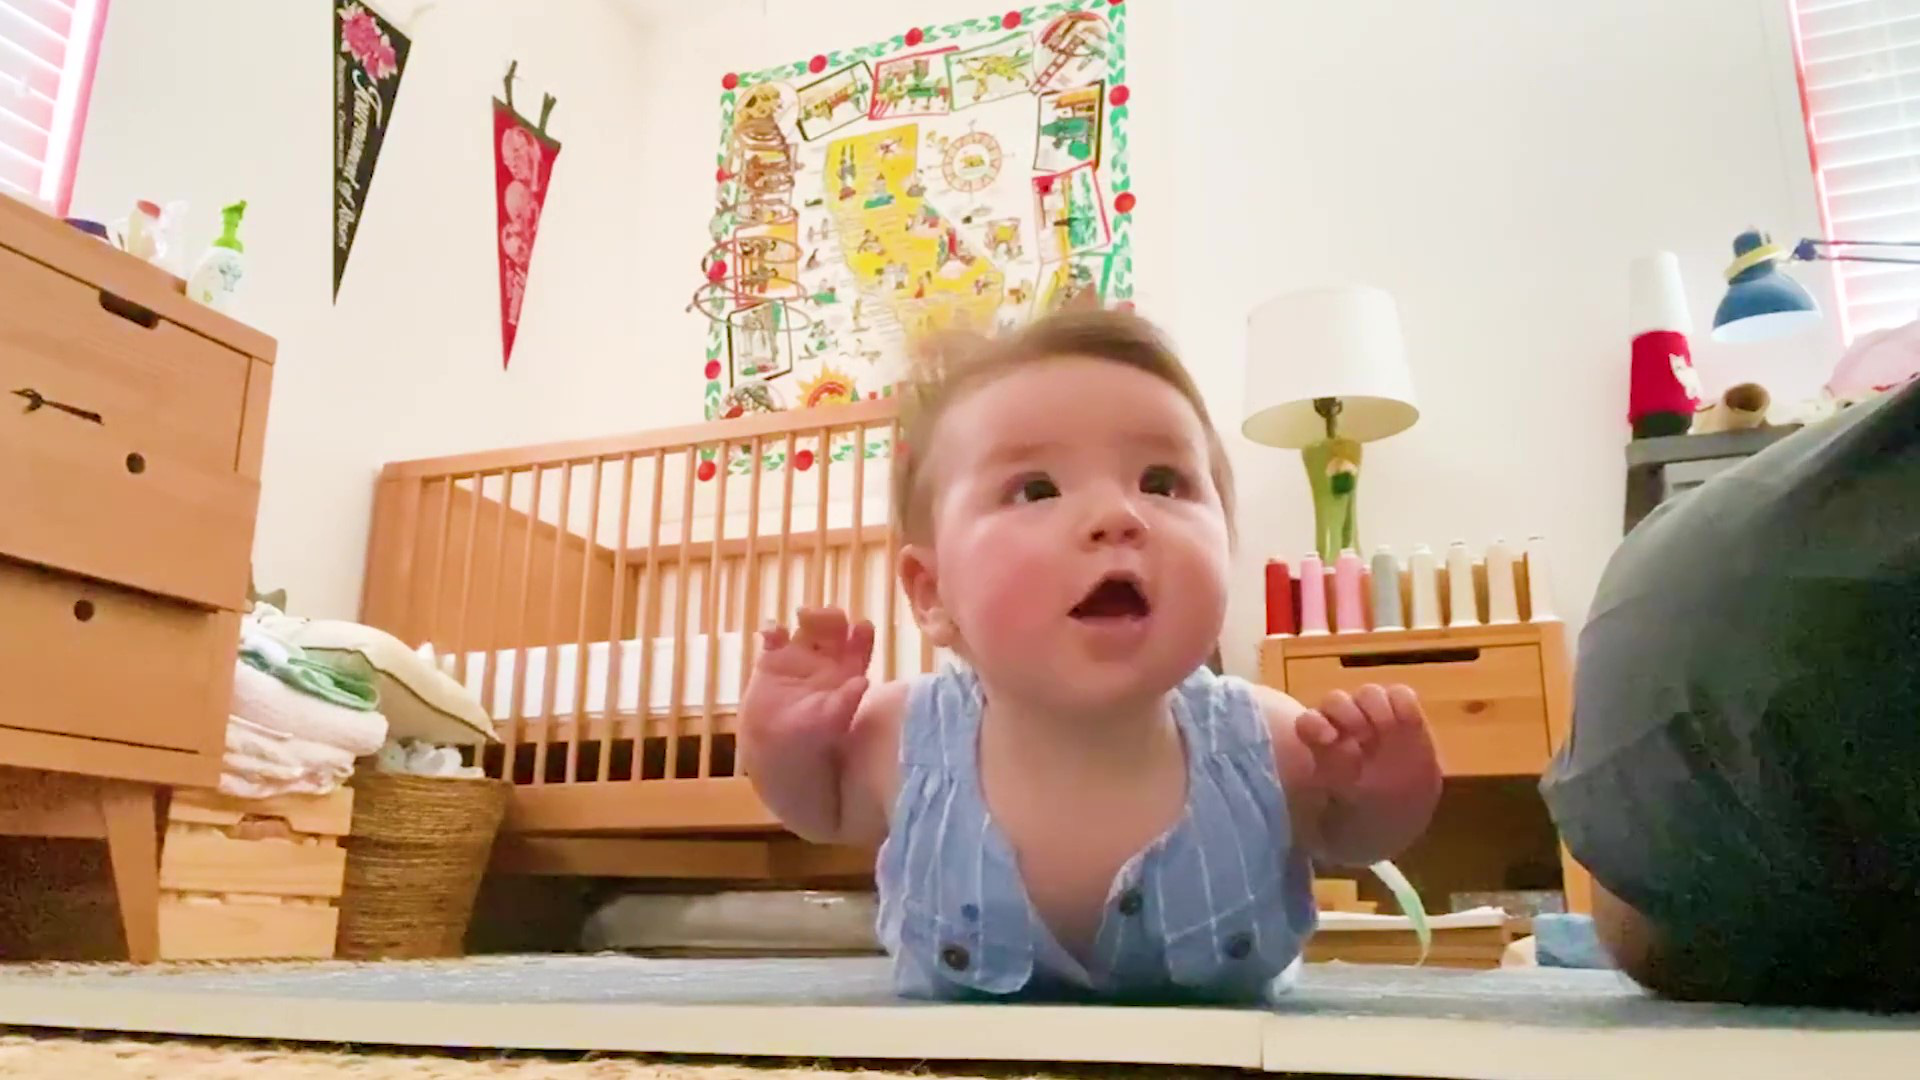 """Video: """"Tan chảy"""" với những tiếng cười trẻ thơ khi chơi với bố - Ảnh 4."""